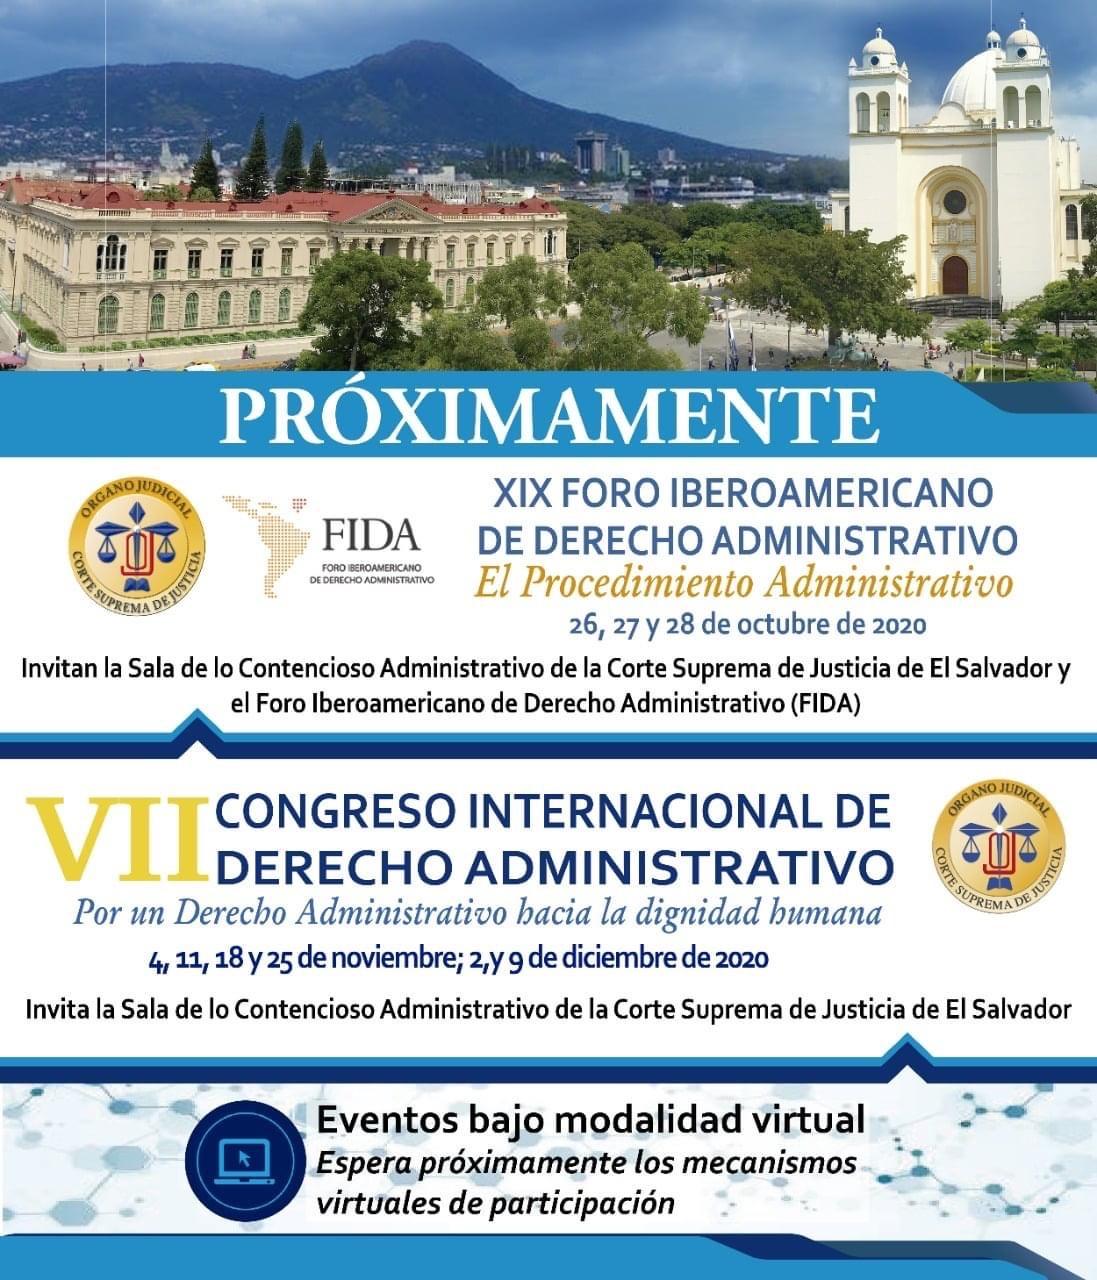 Concluye el XIX Foro Iberoamericano de Derecho Administrativo